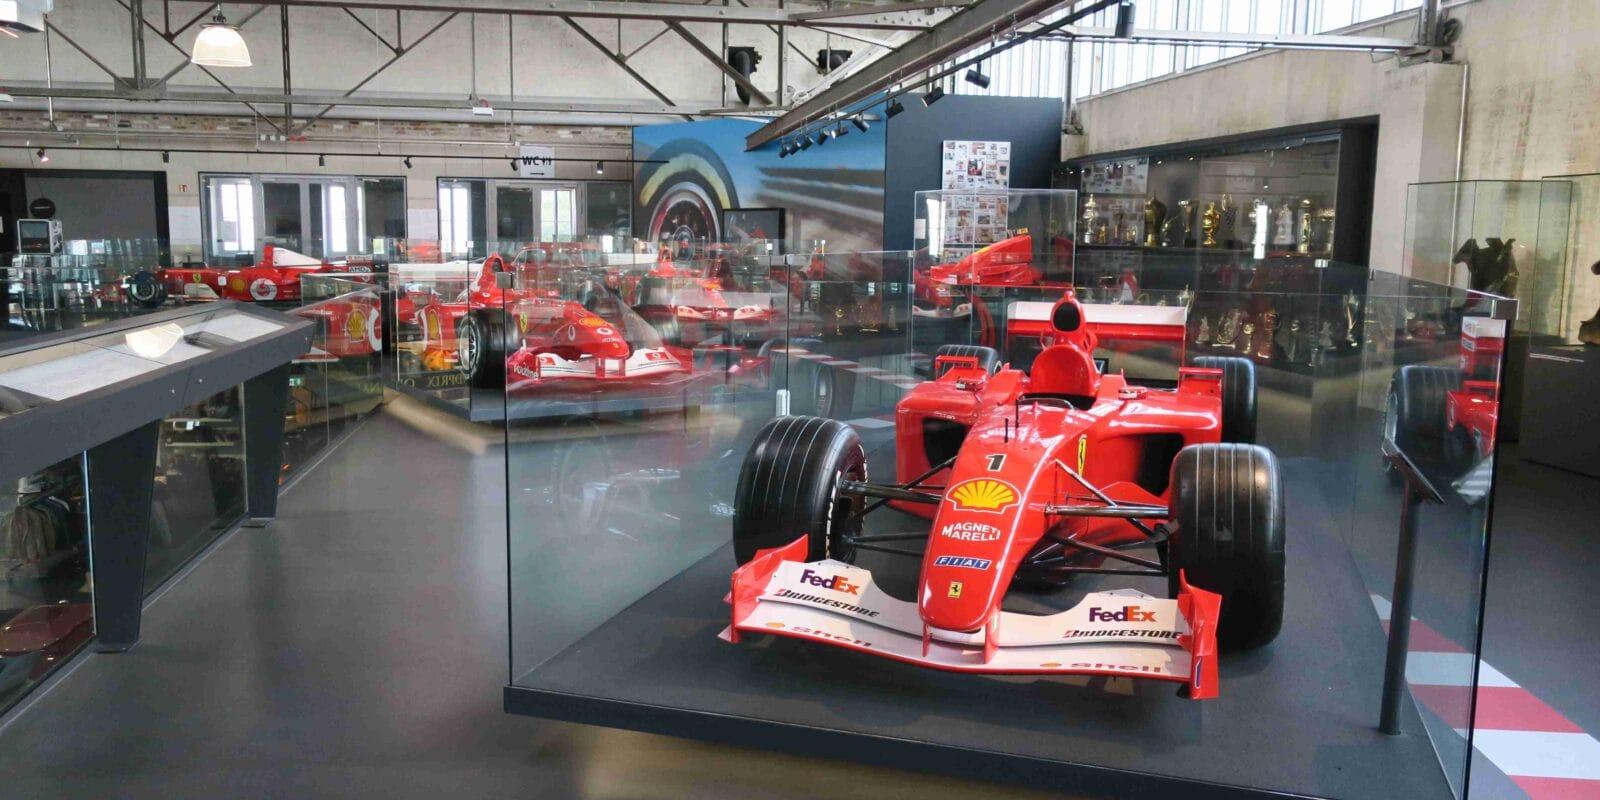 Muzeum Michaela Schumachera v Kolíně nad Rýnem